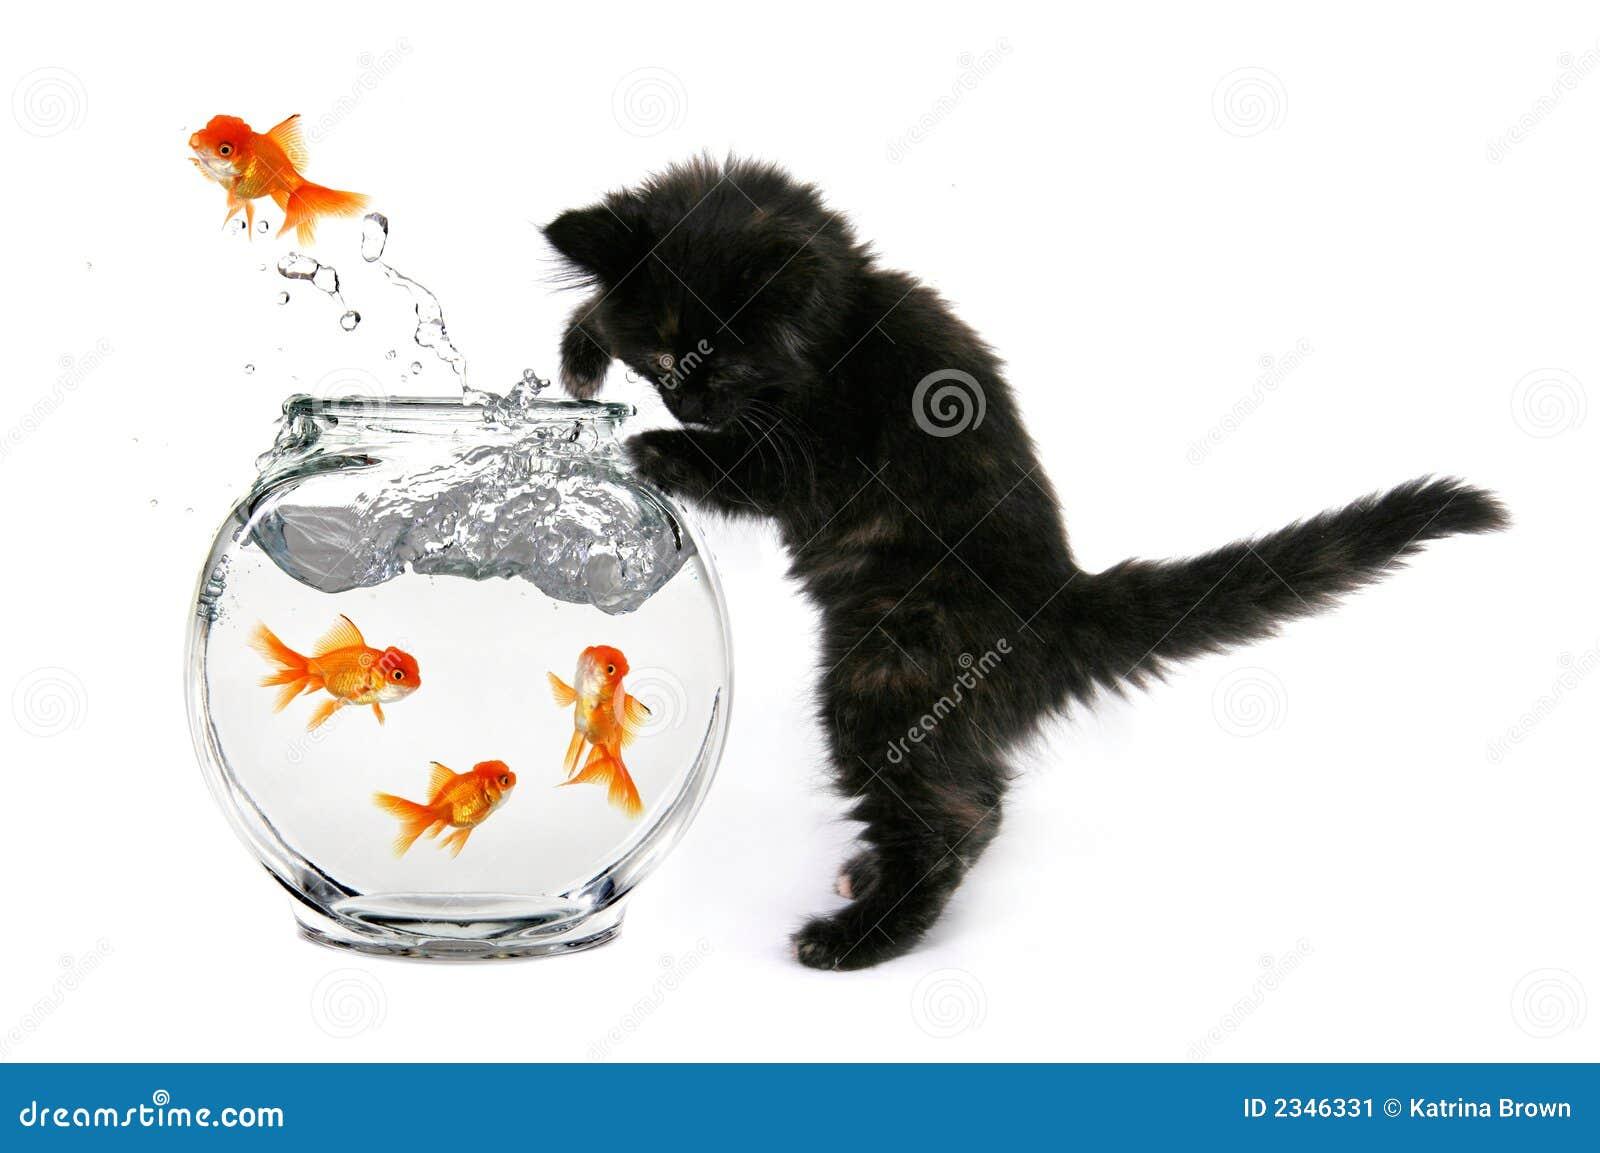 Mischeivious kattunge